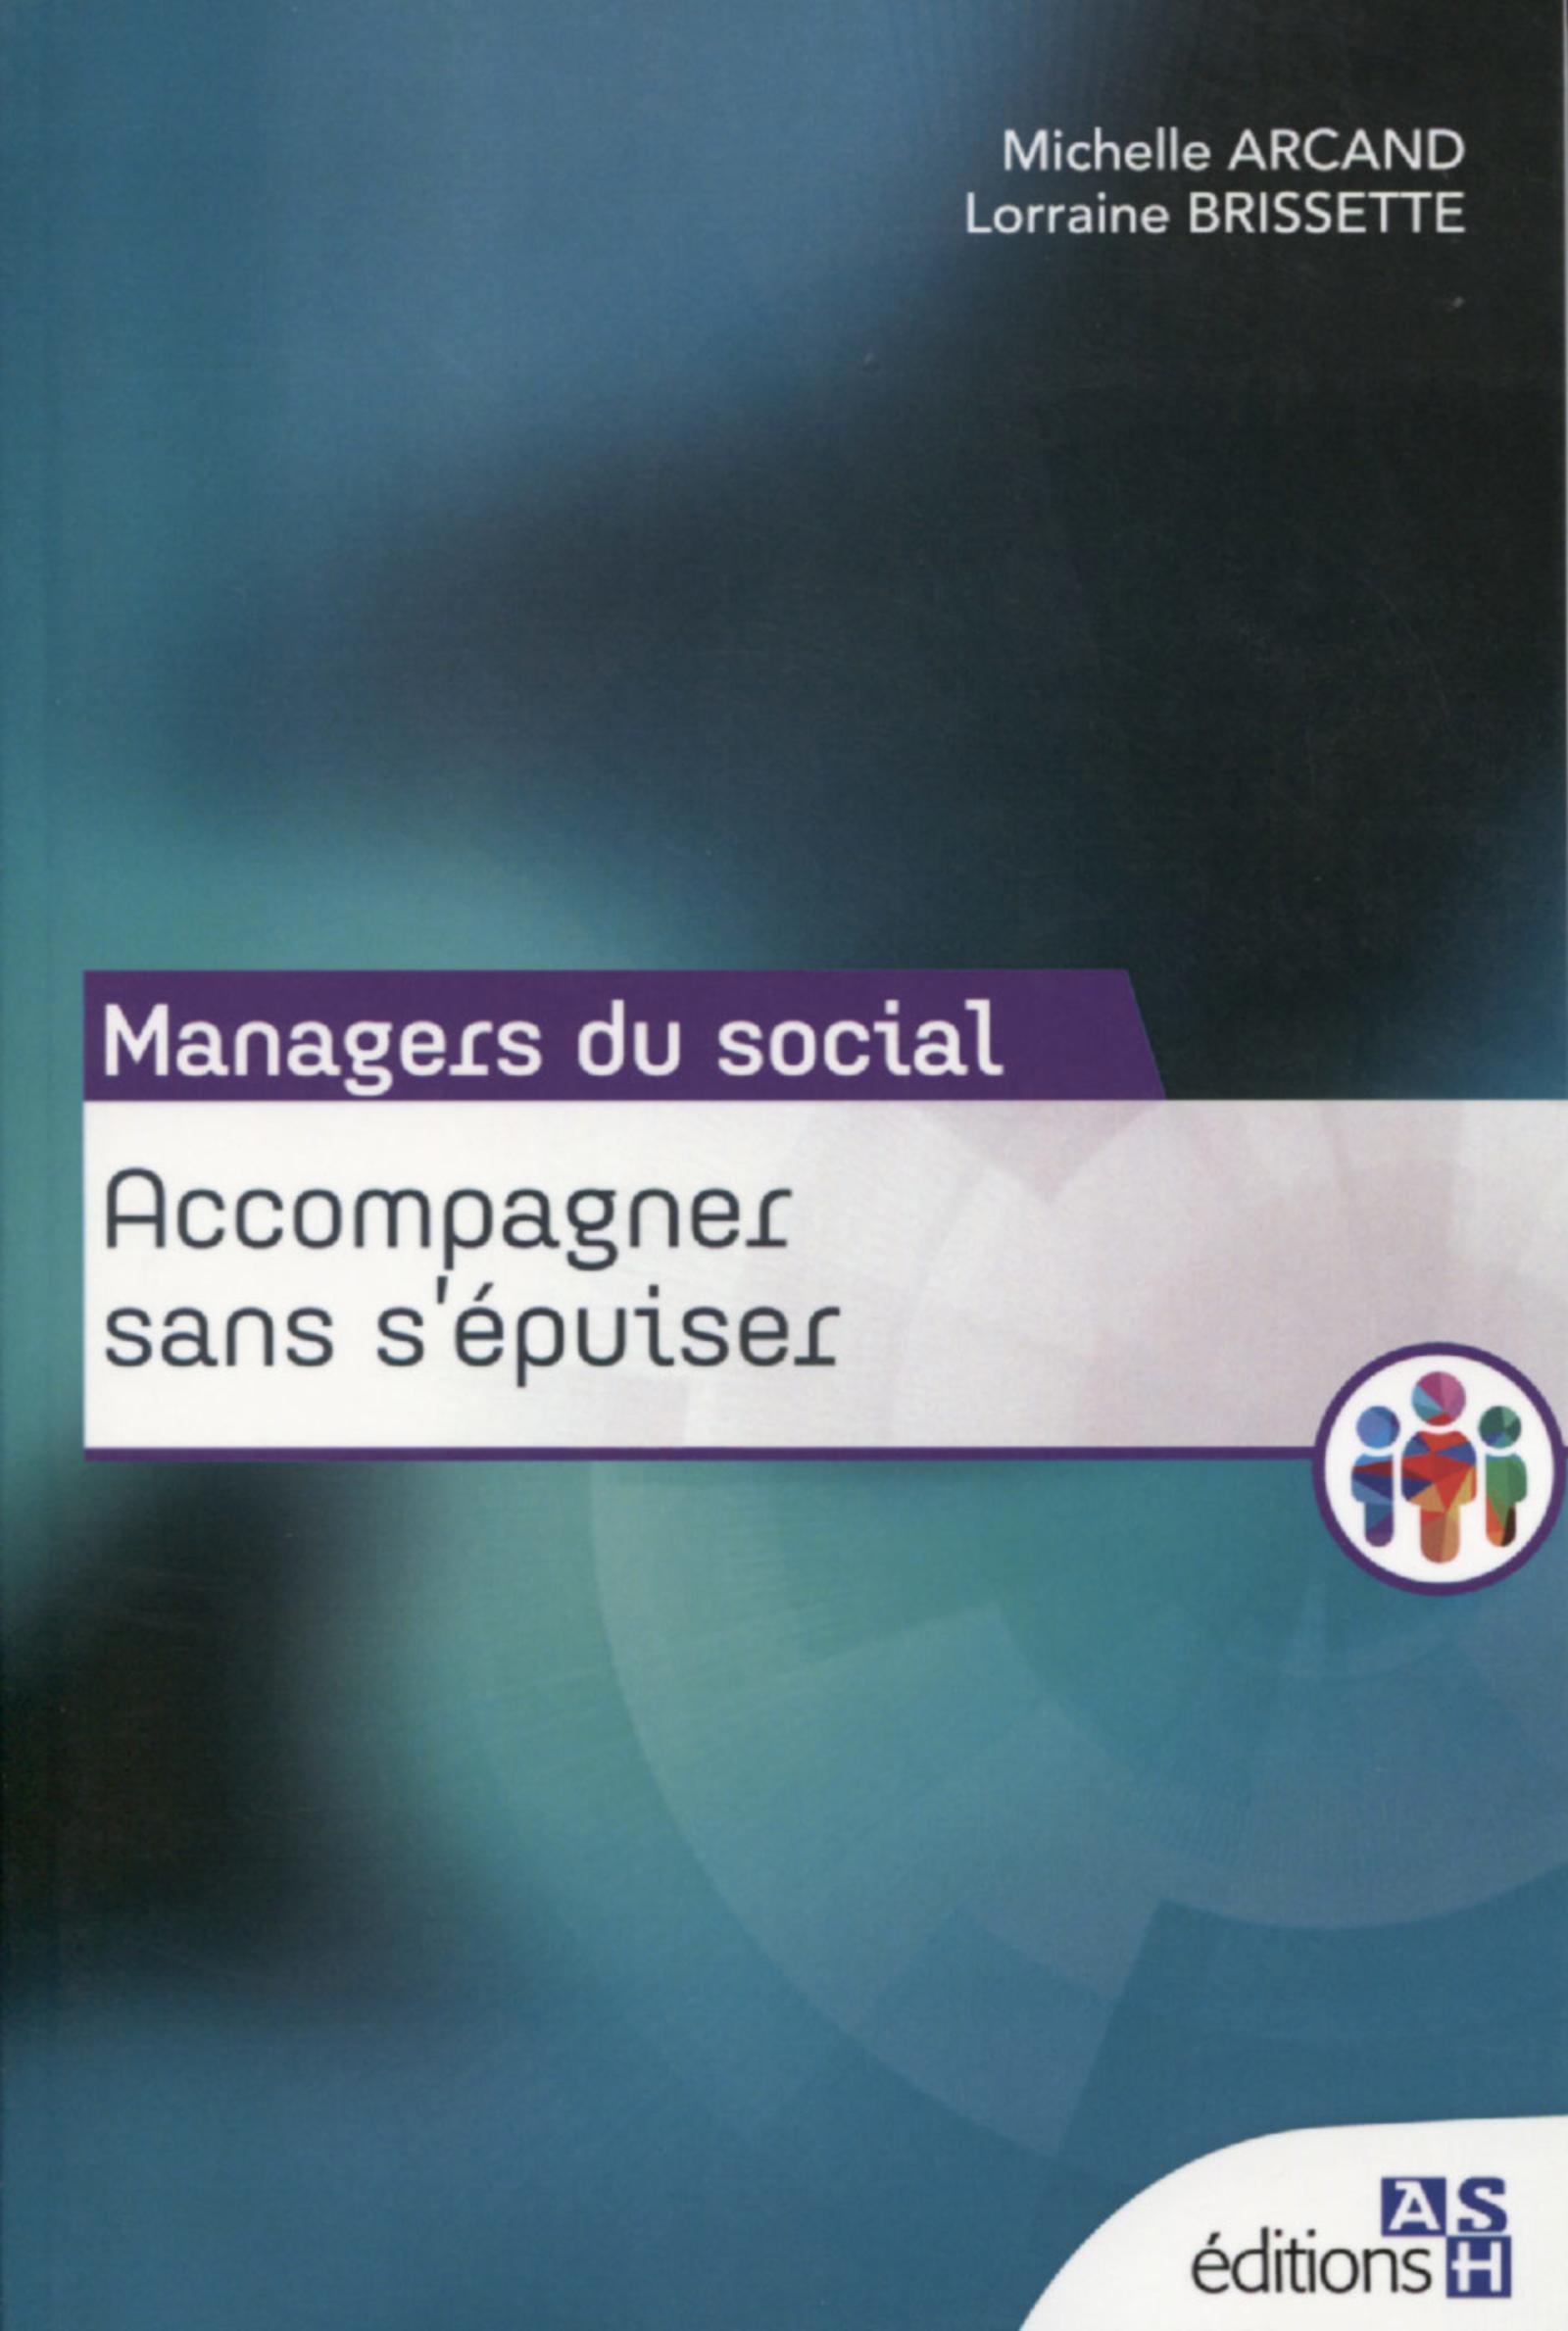 ACCOMPAGNER SANS S EPUISER